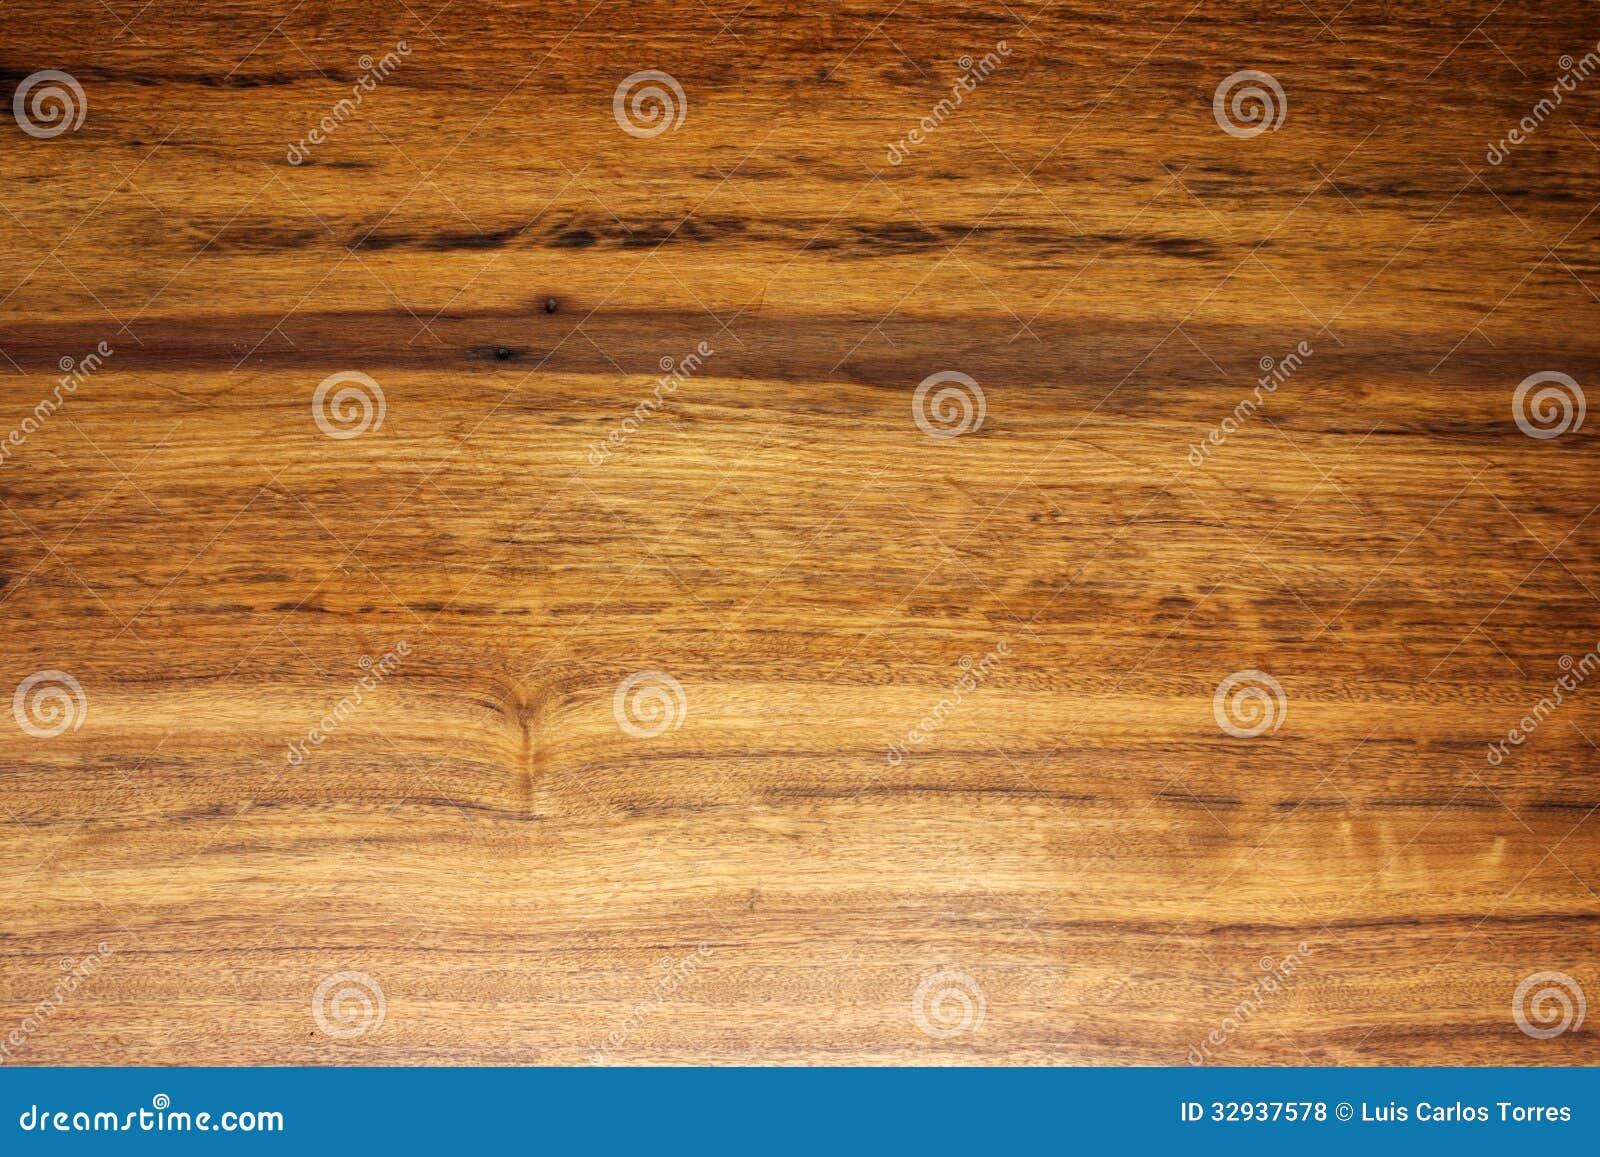 Möbelholz Beschaffenheit Stockfoto Bild Von Zeile 32937578